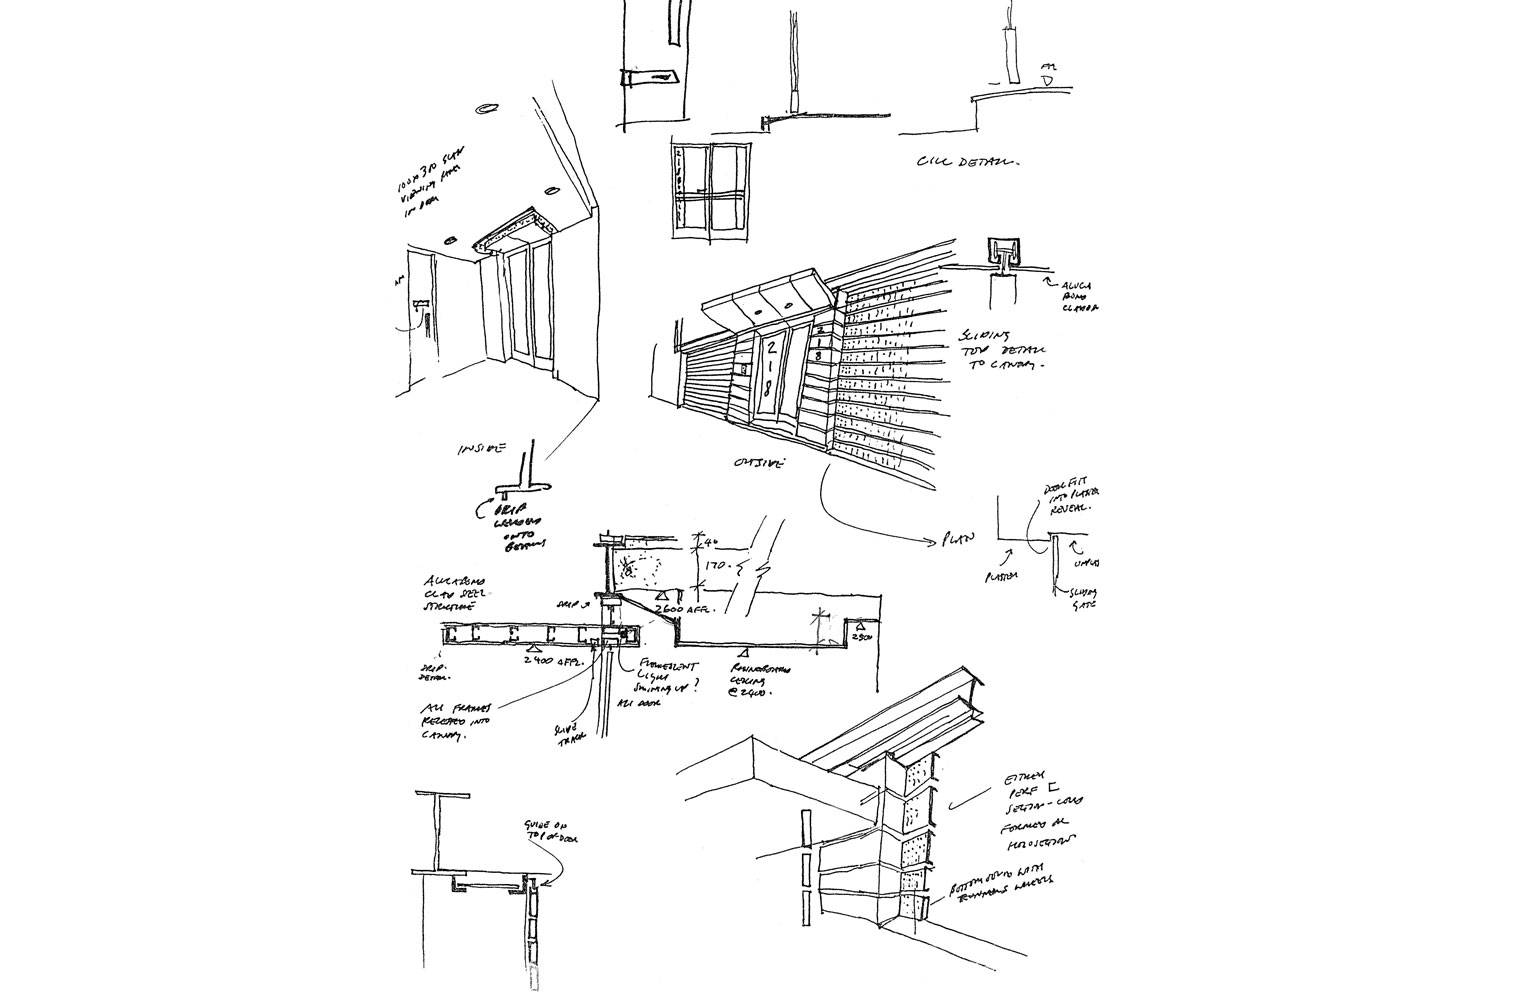 218 Buitengragt Street - Sketch Details